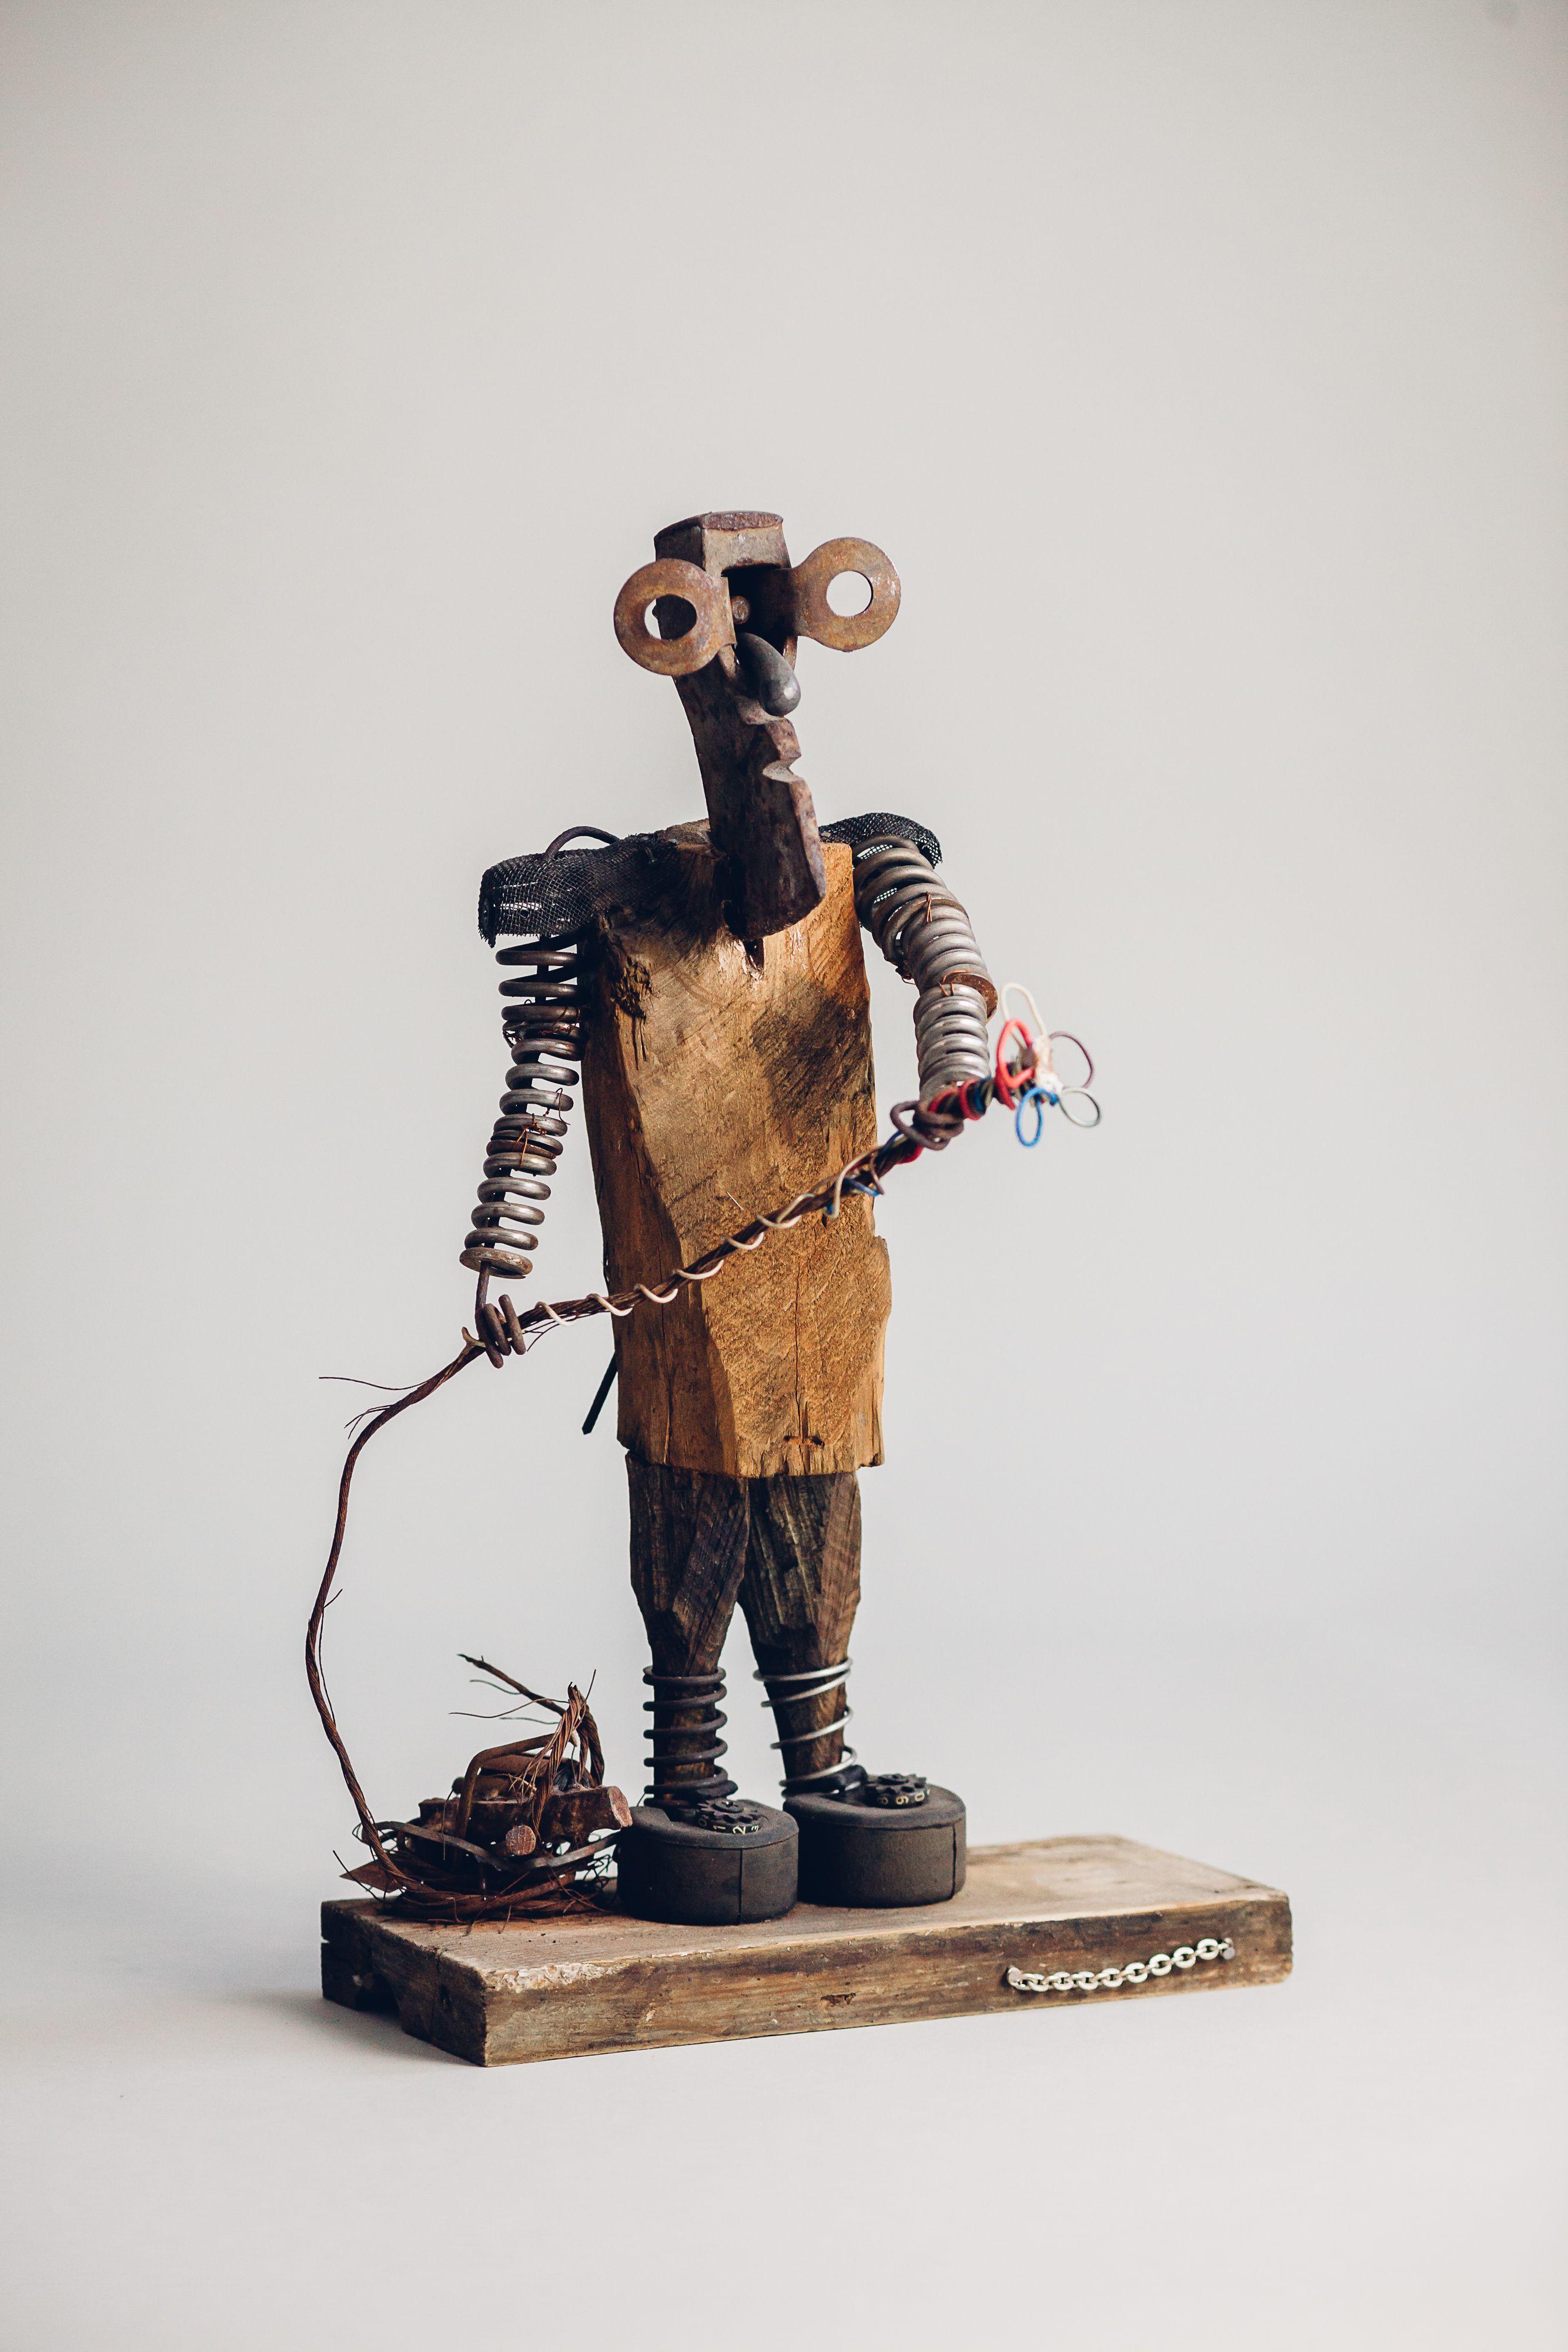 Beauty macker, sculpture of Michał Wawrzyniak, Poland